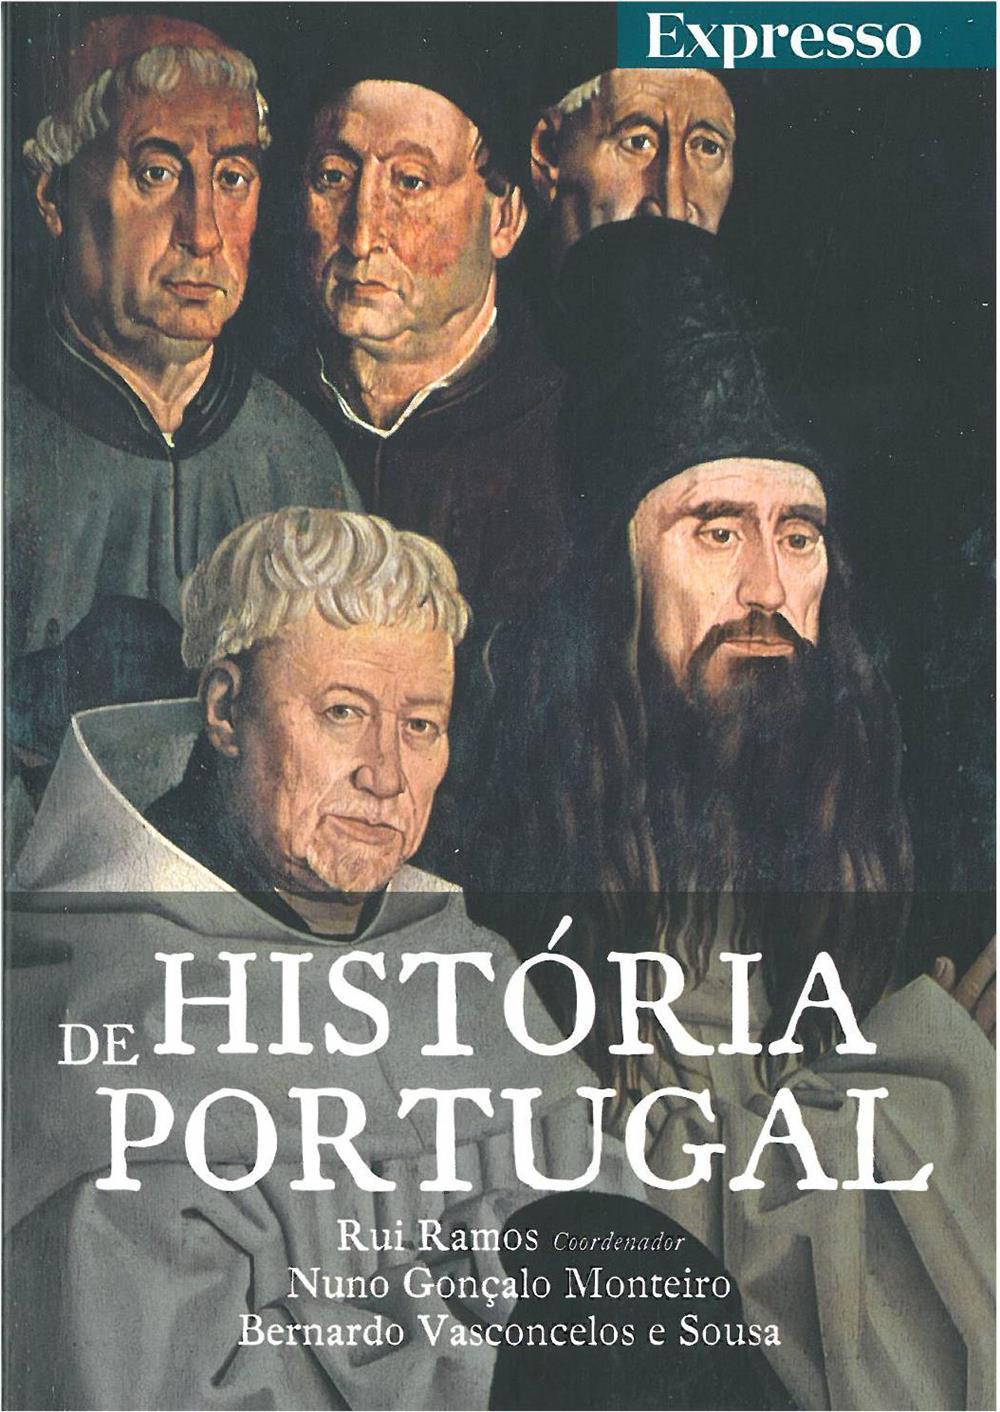 História de Portugal_Expresso.jpg